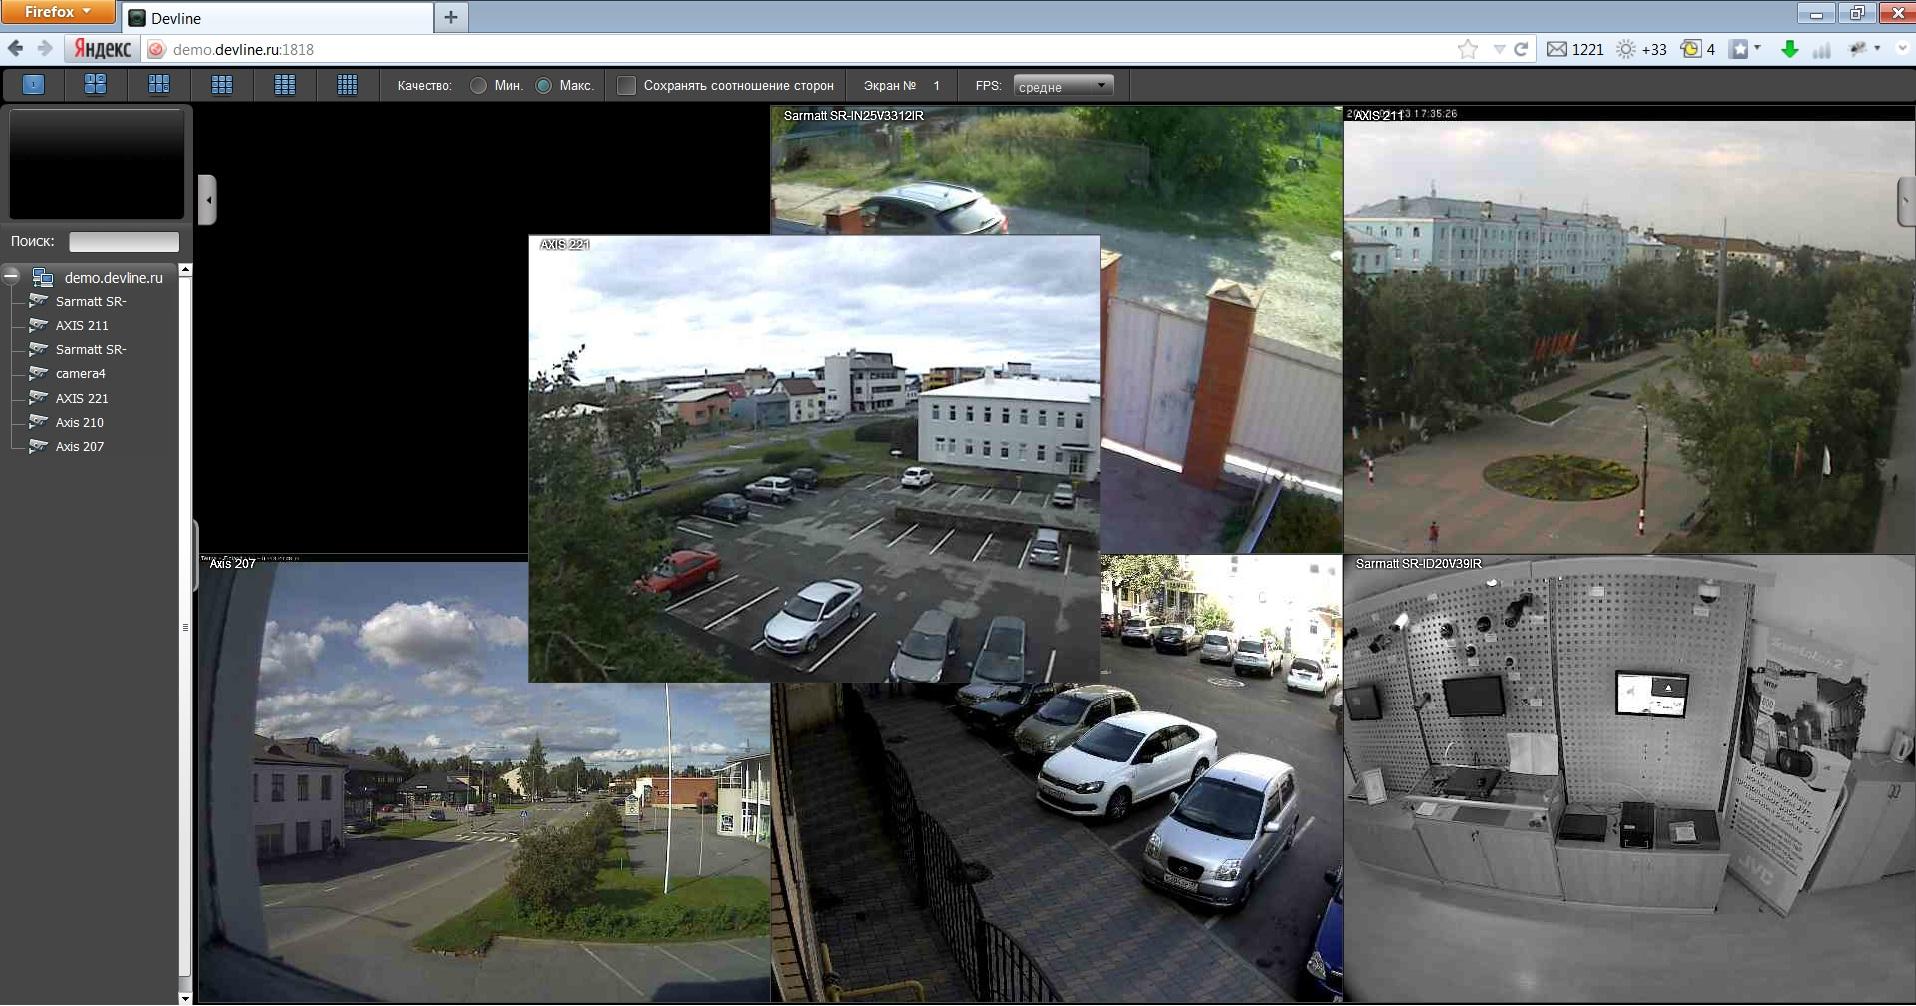 вакансии видео он лайн с камер наблюдения краснодара поиска информации